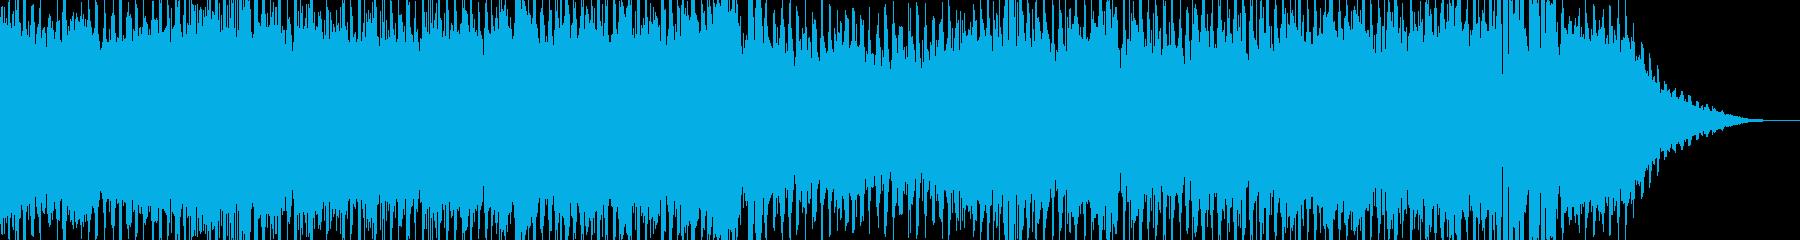 幅広い用途で使えるEDMポップです。の再生済みの波形